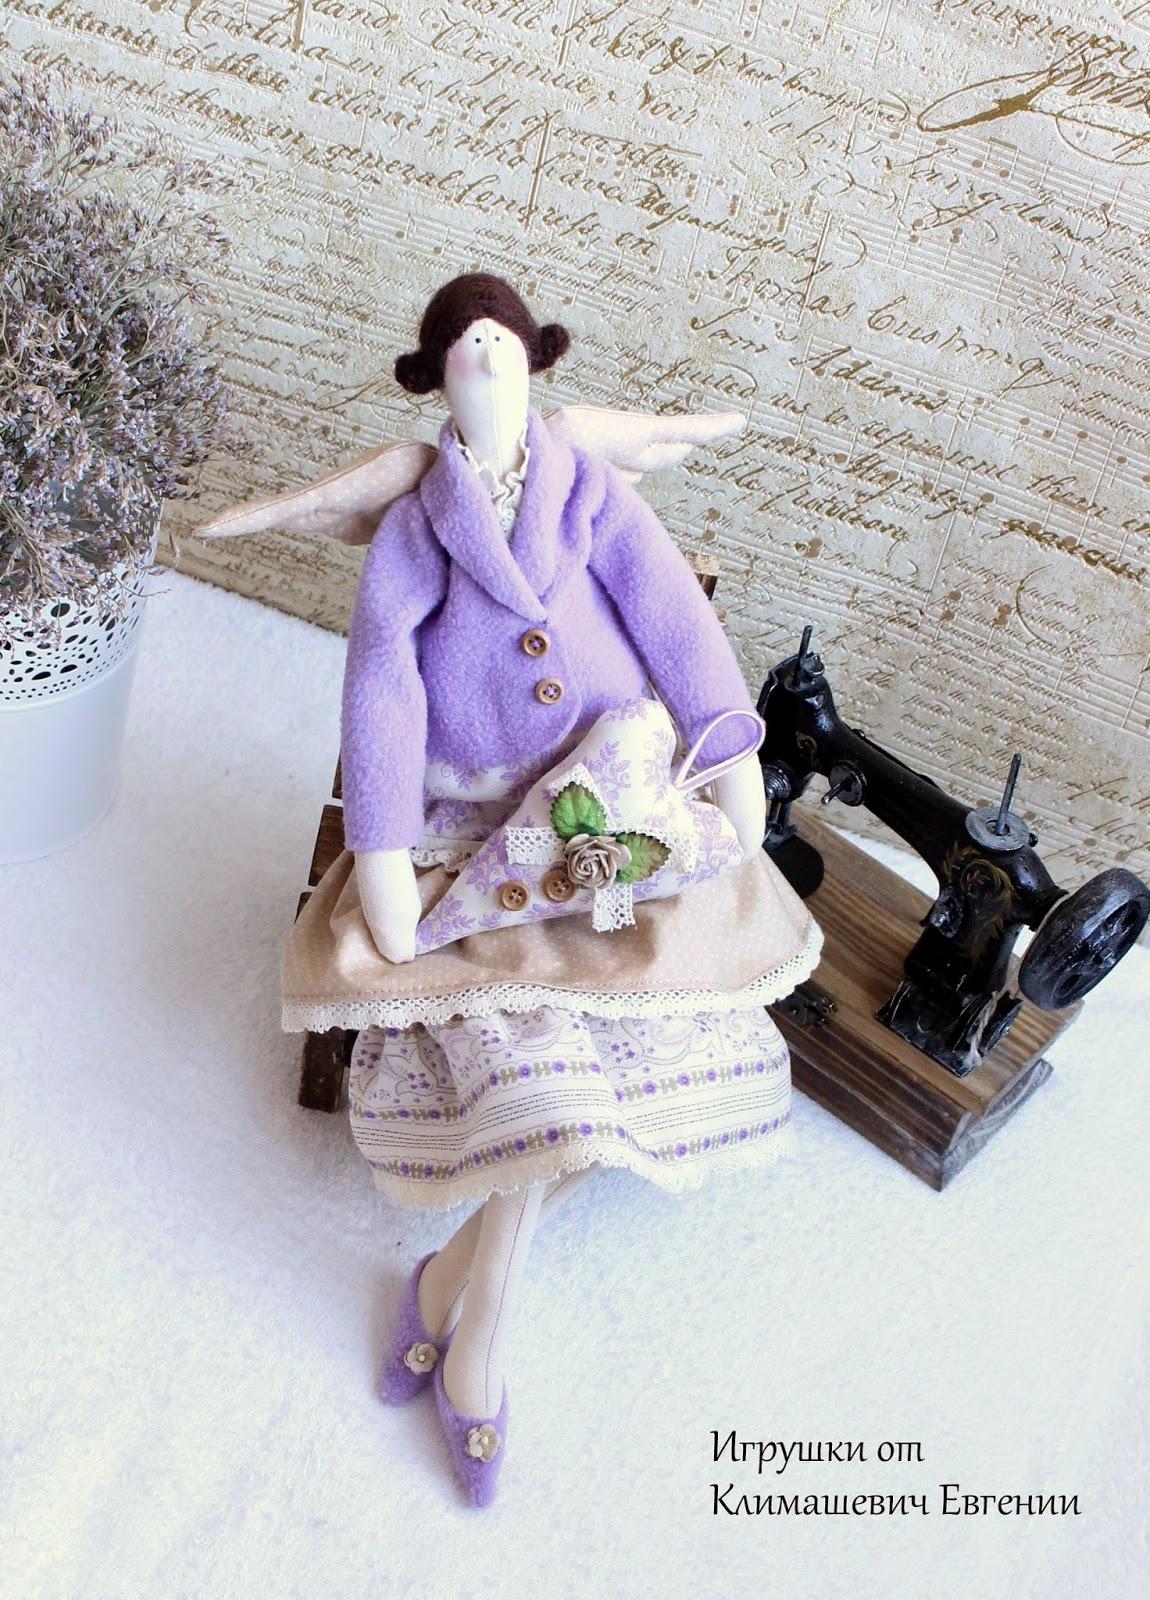 Тильда, кукла тильда, ангел тильда, фея тильда, лаванда, лавандовая фея, в стиле тильда, купить тильду, кукла, кукла в подарок, стильная вещь, прованс, в стиле прованс